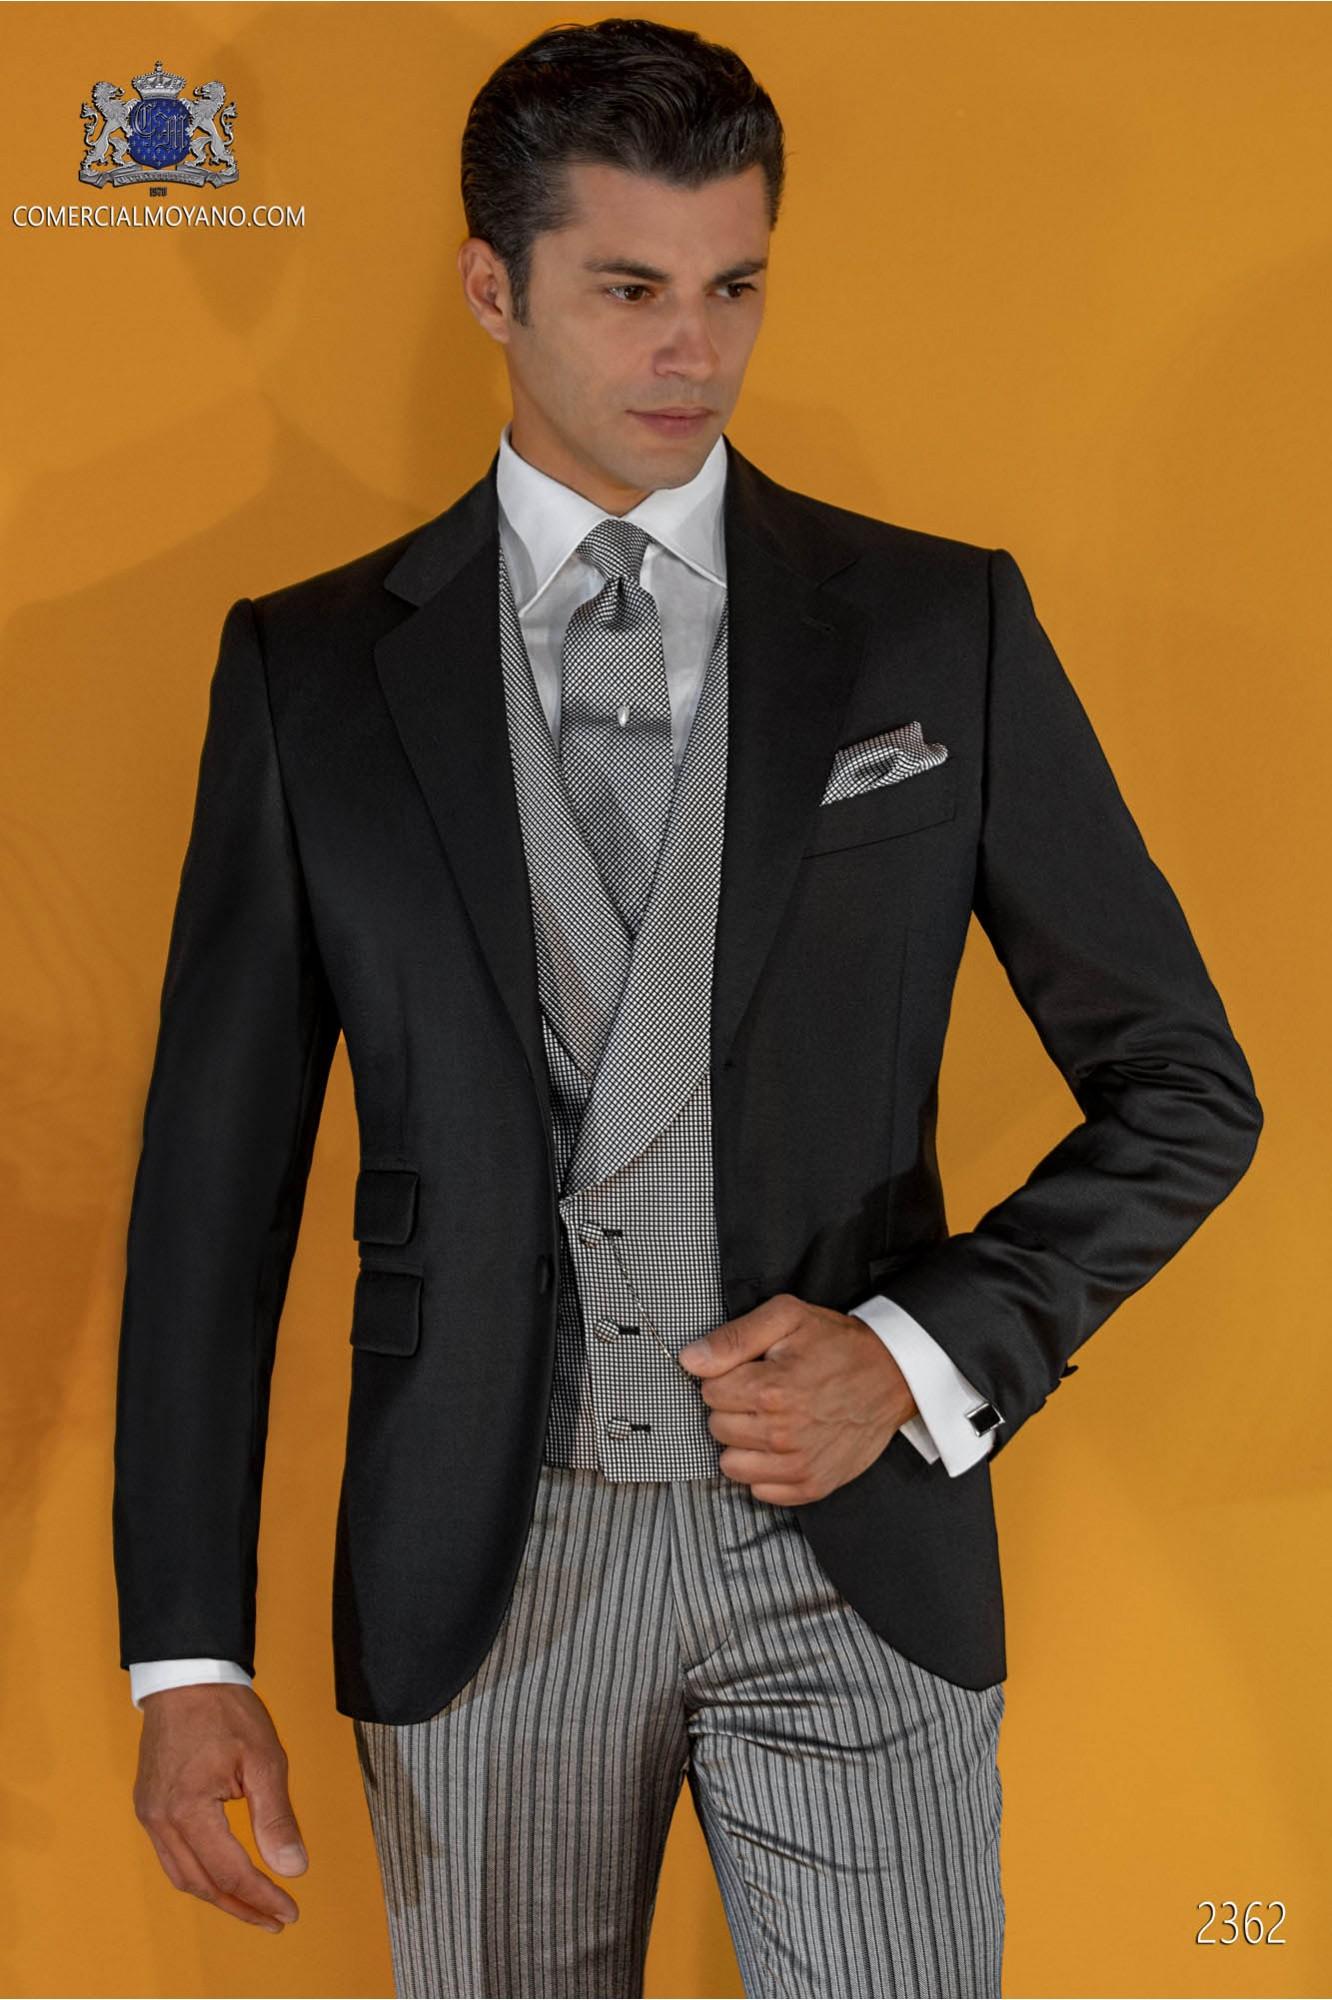 Traje de novio negro elegante de corte italiano Ottavio Nuccio 2362 00207f501379